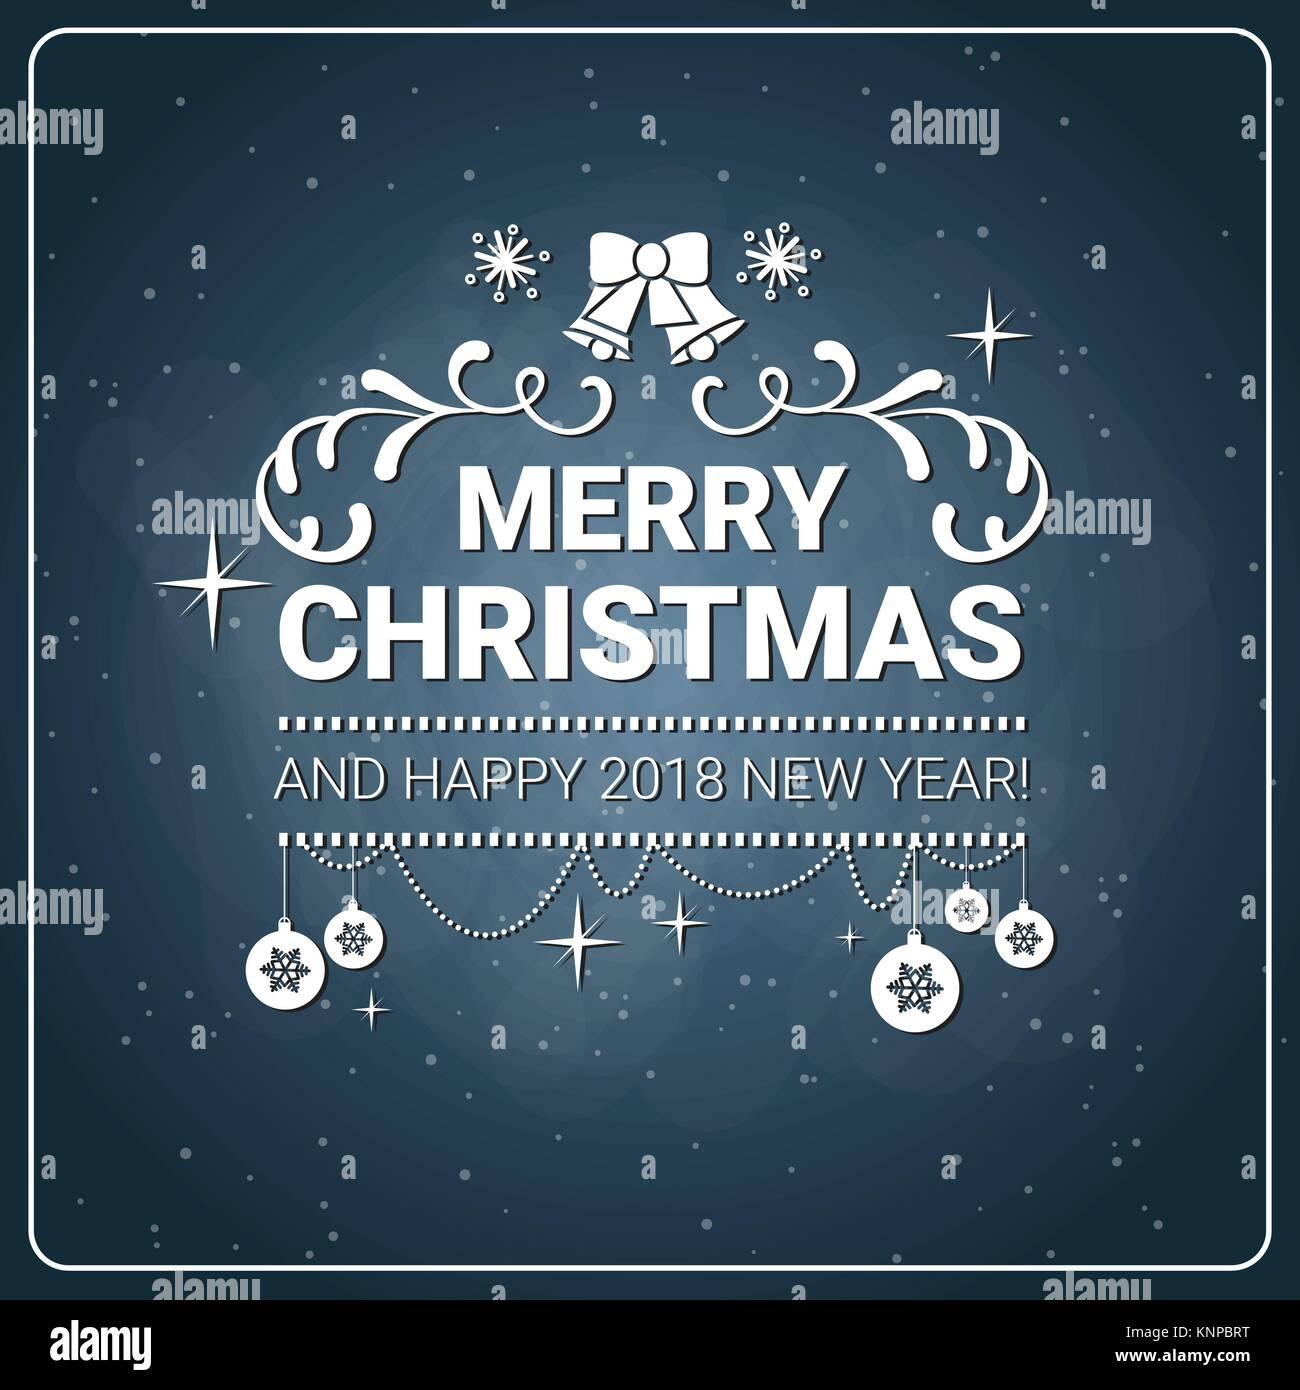 Frohe weihnachten nachricht – Frohe Weihnachten in Europa